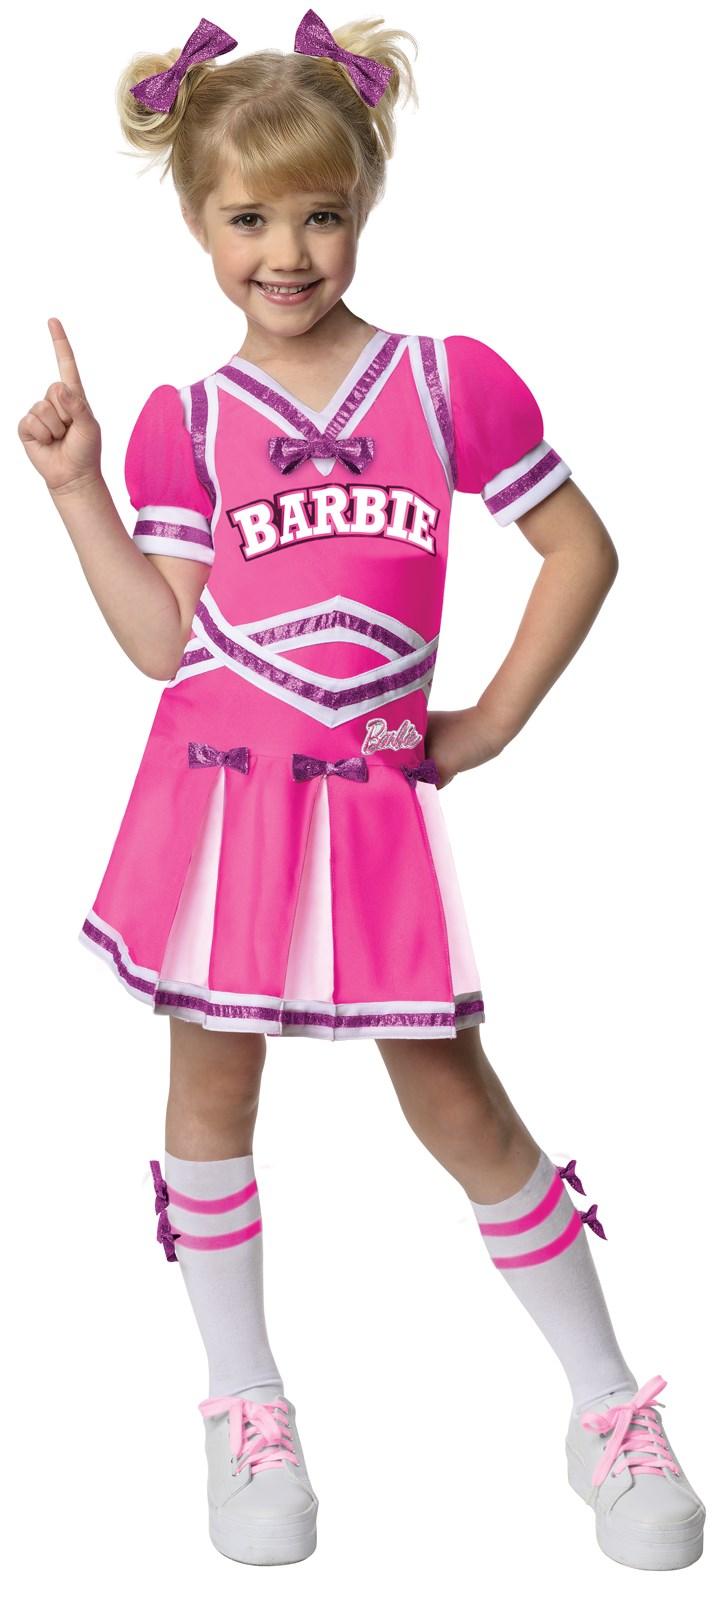 Barbie – Cheerleader Toddler / Child Costume